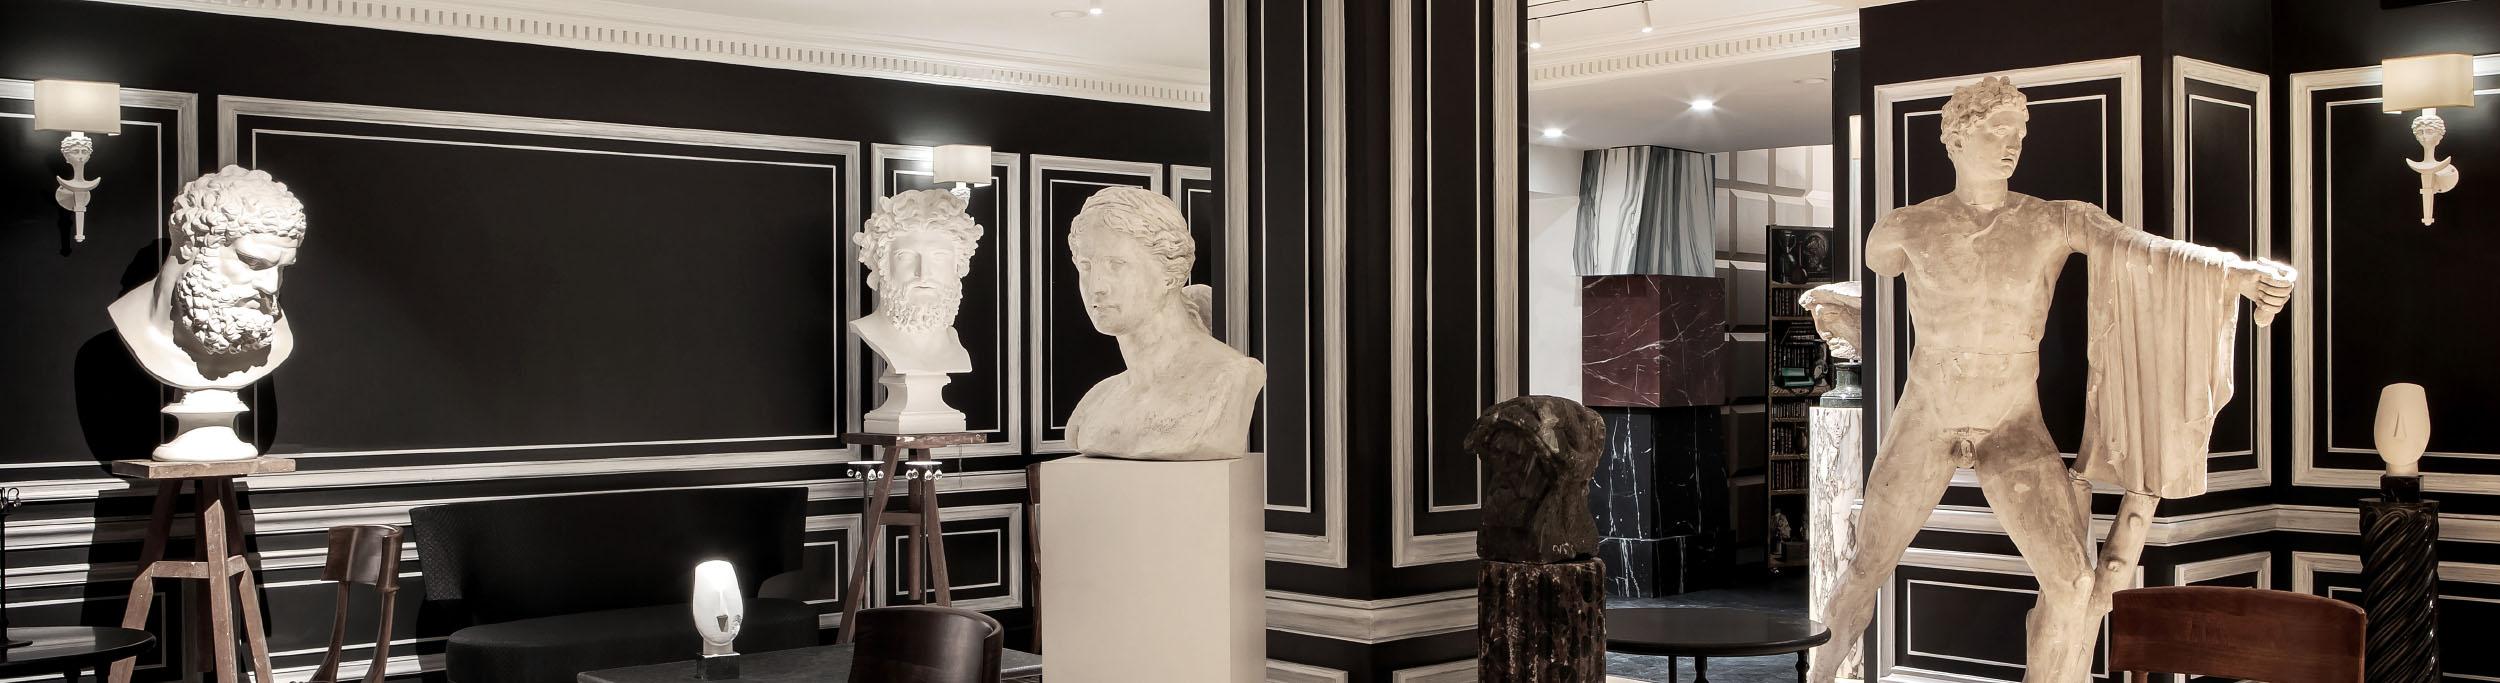 Magasin Des Idees Deco sculptures et statues de grande taille pour la décoration d